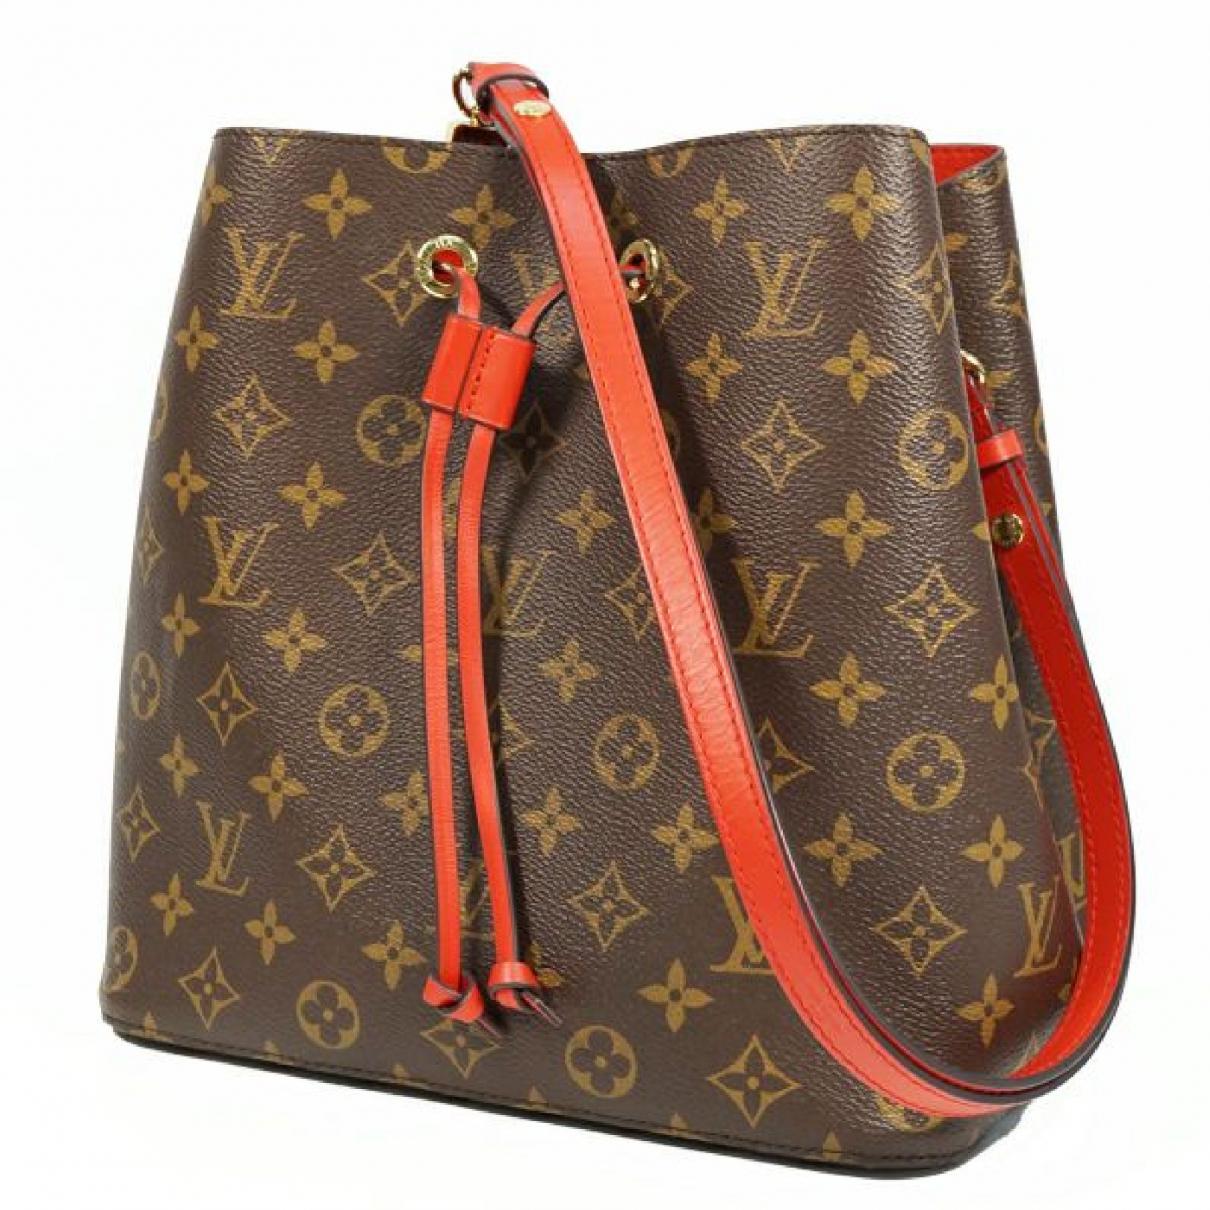 Louis Vuitton \N Red Cloth handbag for Women \N